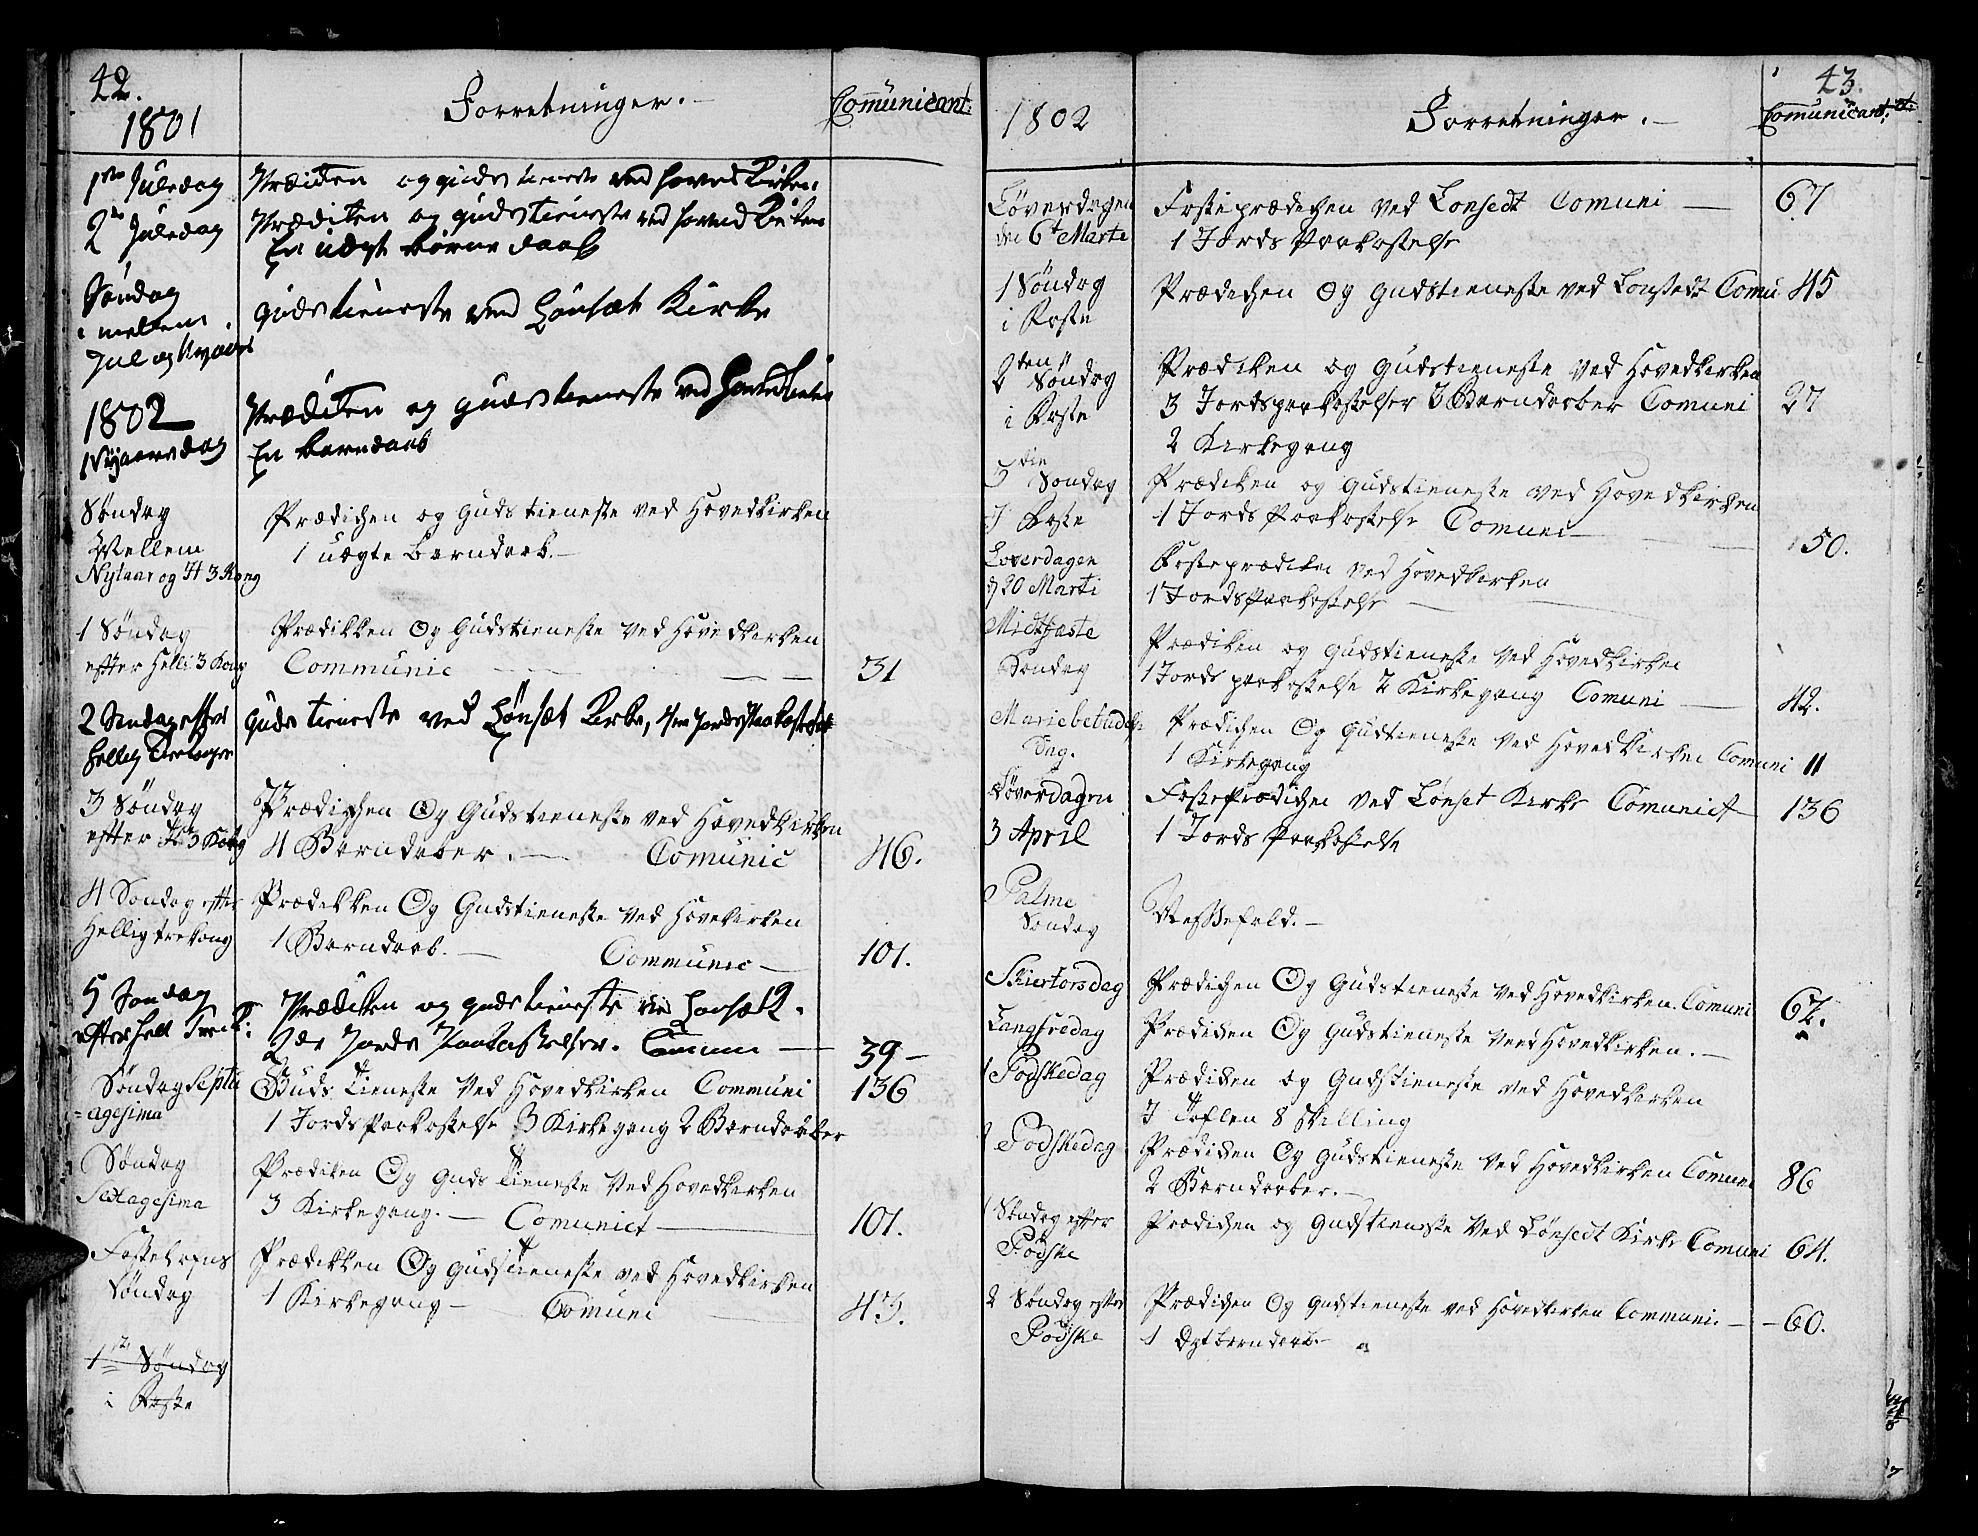 SAT, Ministerialprotokoller, klokkerbøker og fødselsregistre - Sør-Trøndelag, 678/L0893: Ministerialbok nr. 678A03, 1792-1805, s. 42-43